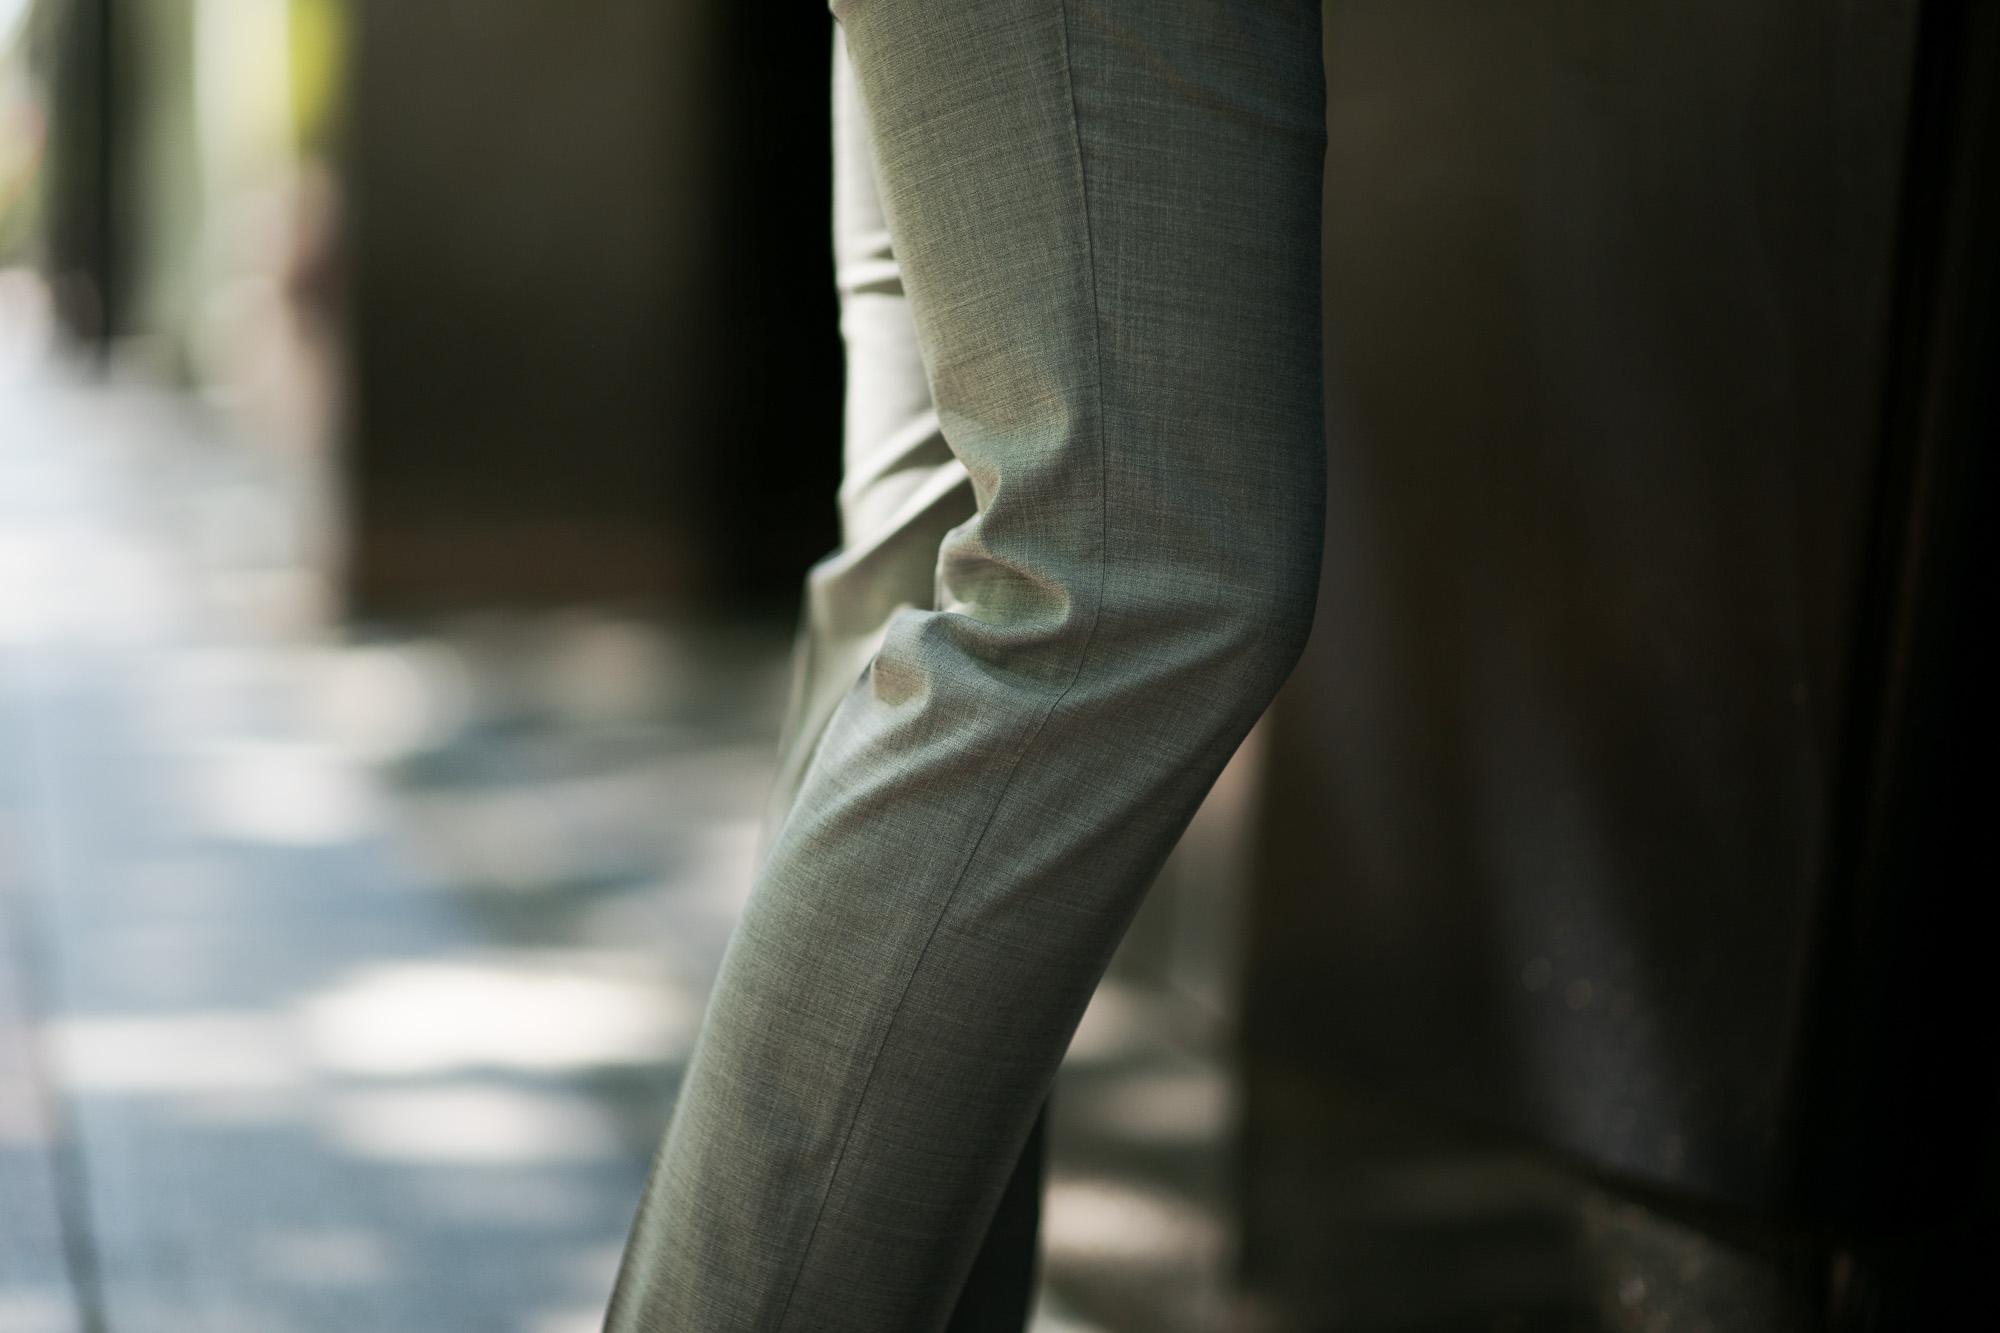 PT01 (ピーティーゼロウーノ) TRAVEL & RELAX SUPER SLIM FIT (スーパースリムフィット) ストレッチ ウォッシャブル トロピカル サマーウール スラックス CHACOAL GRAY (チャコールグレー・0240) 2019 春夏新作 愛知 名古屋 altoediritto アルトエデリット 黒スラックス グレースラックス